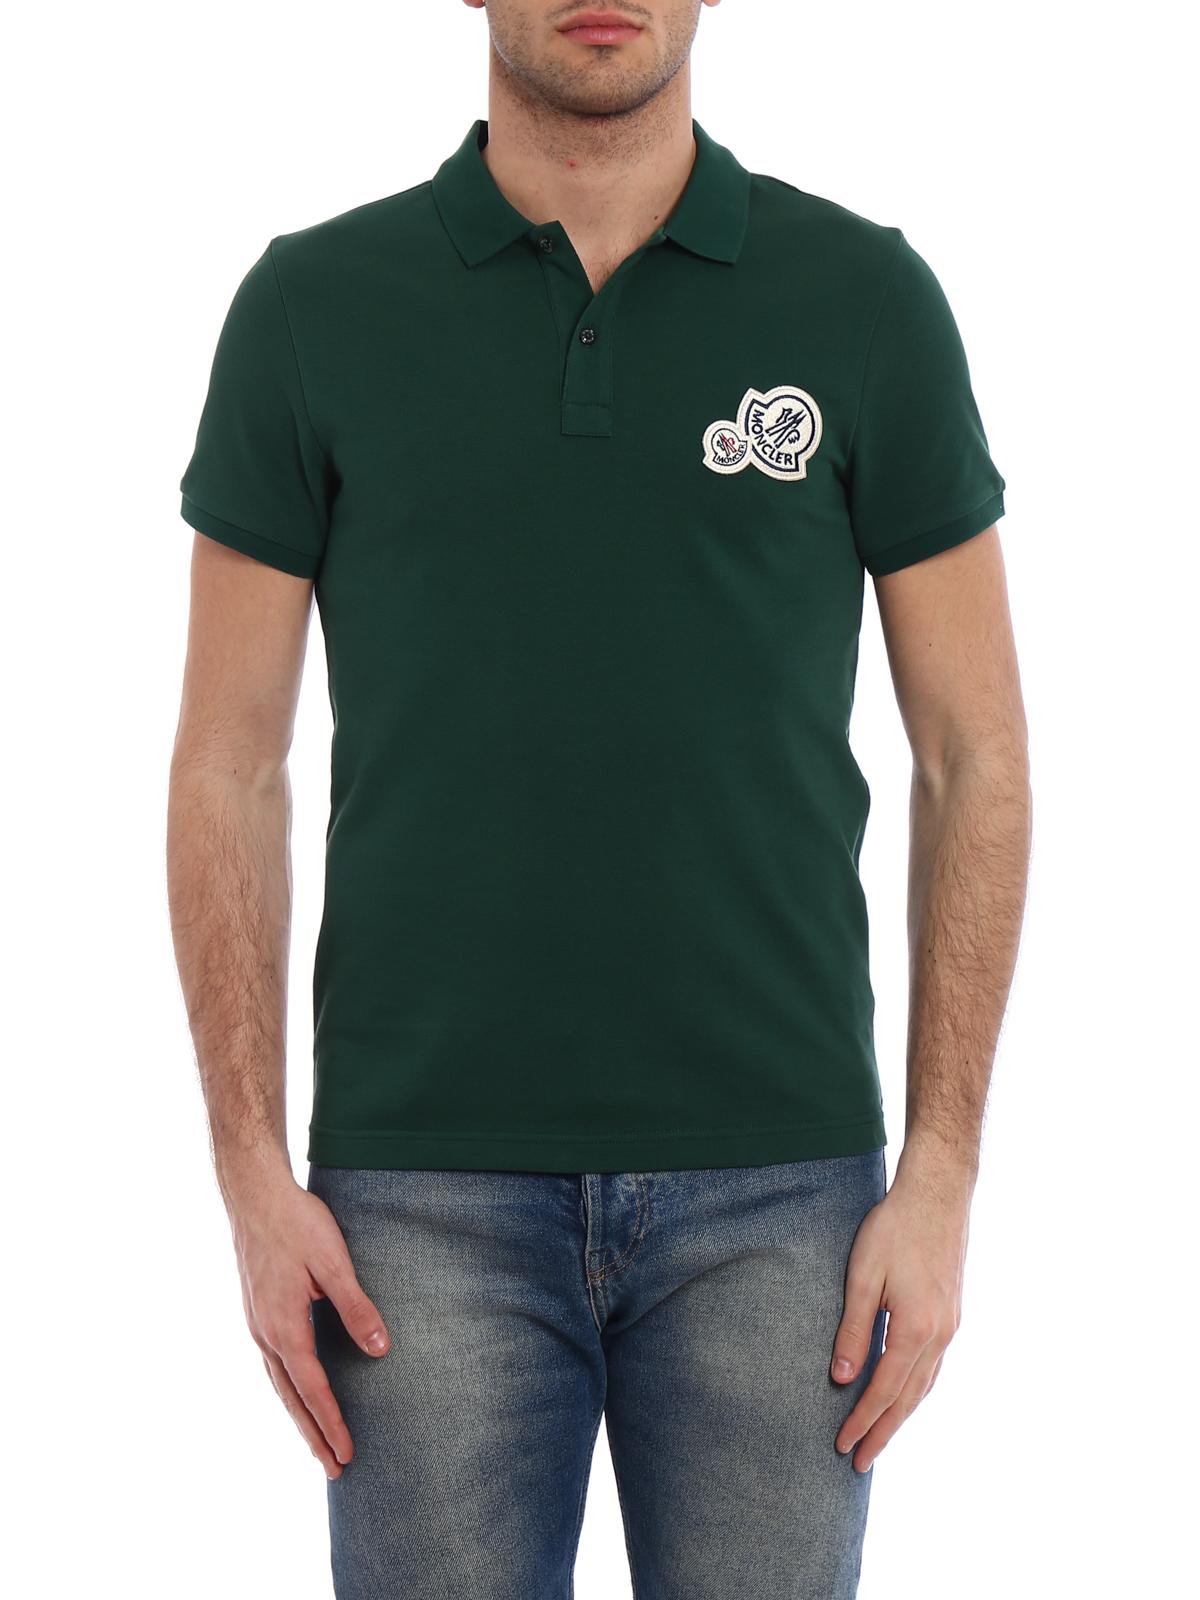 moncler green t shirt